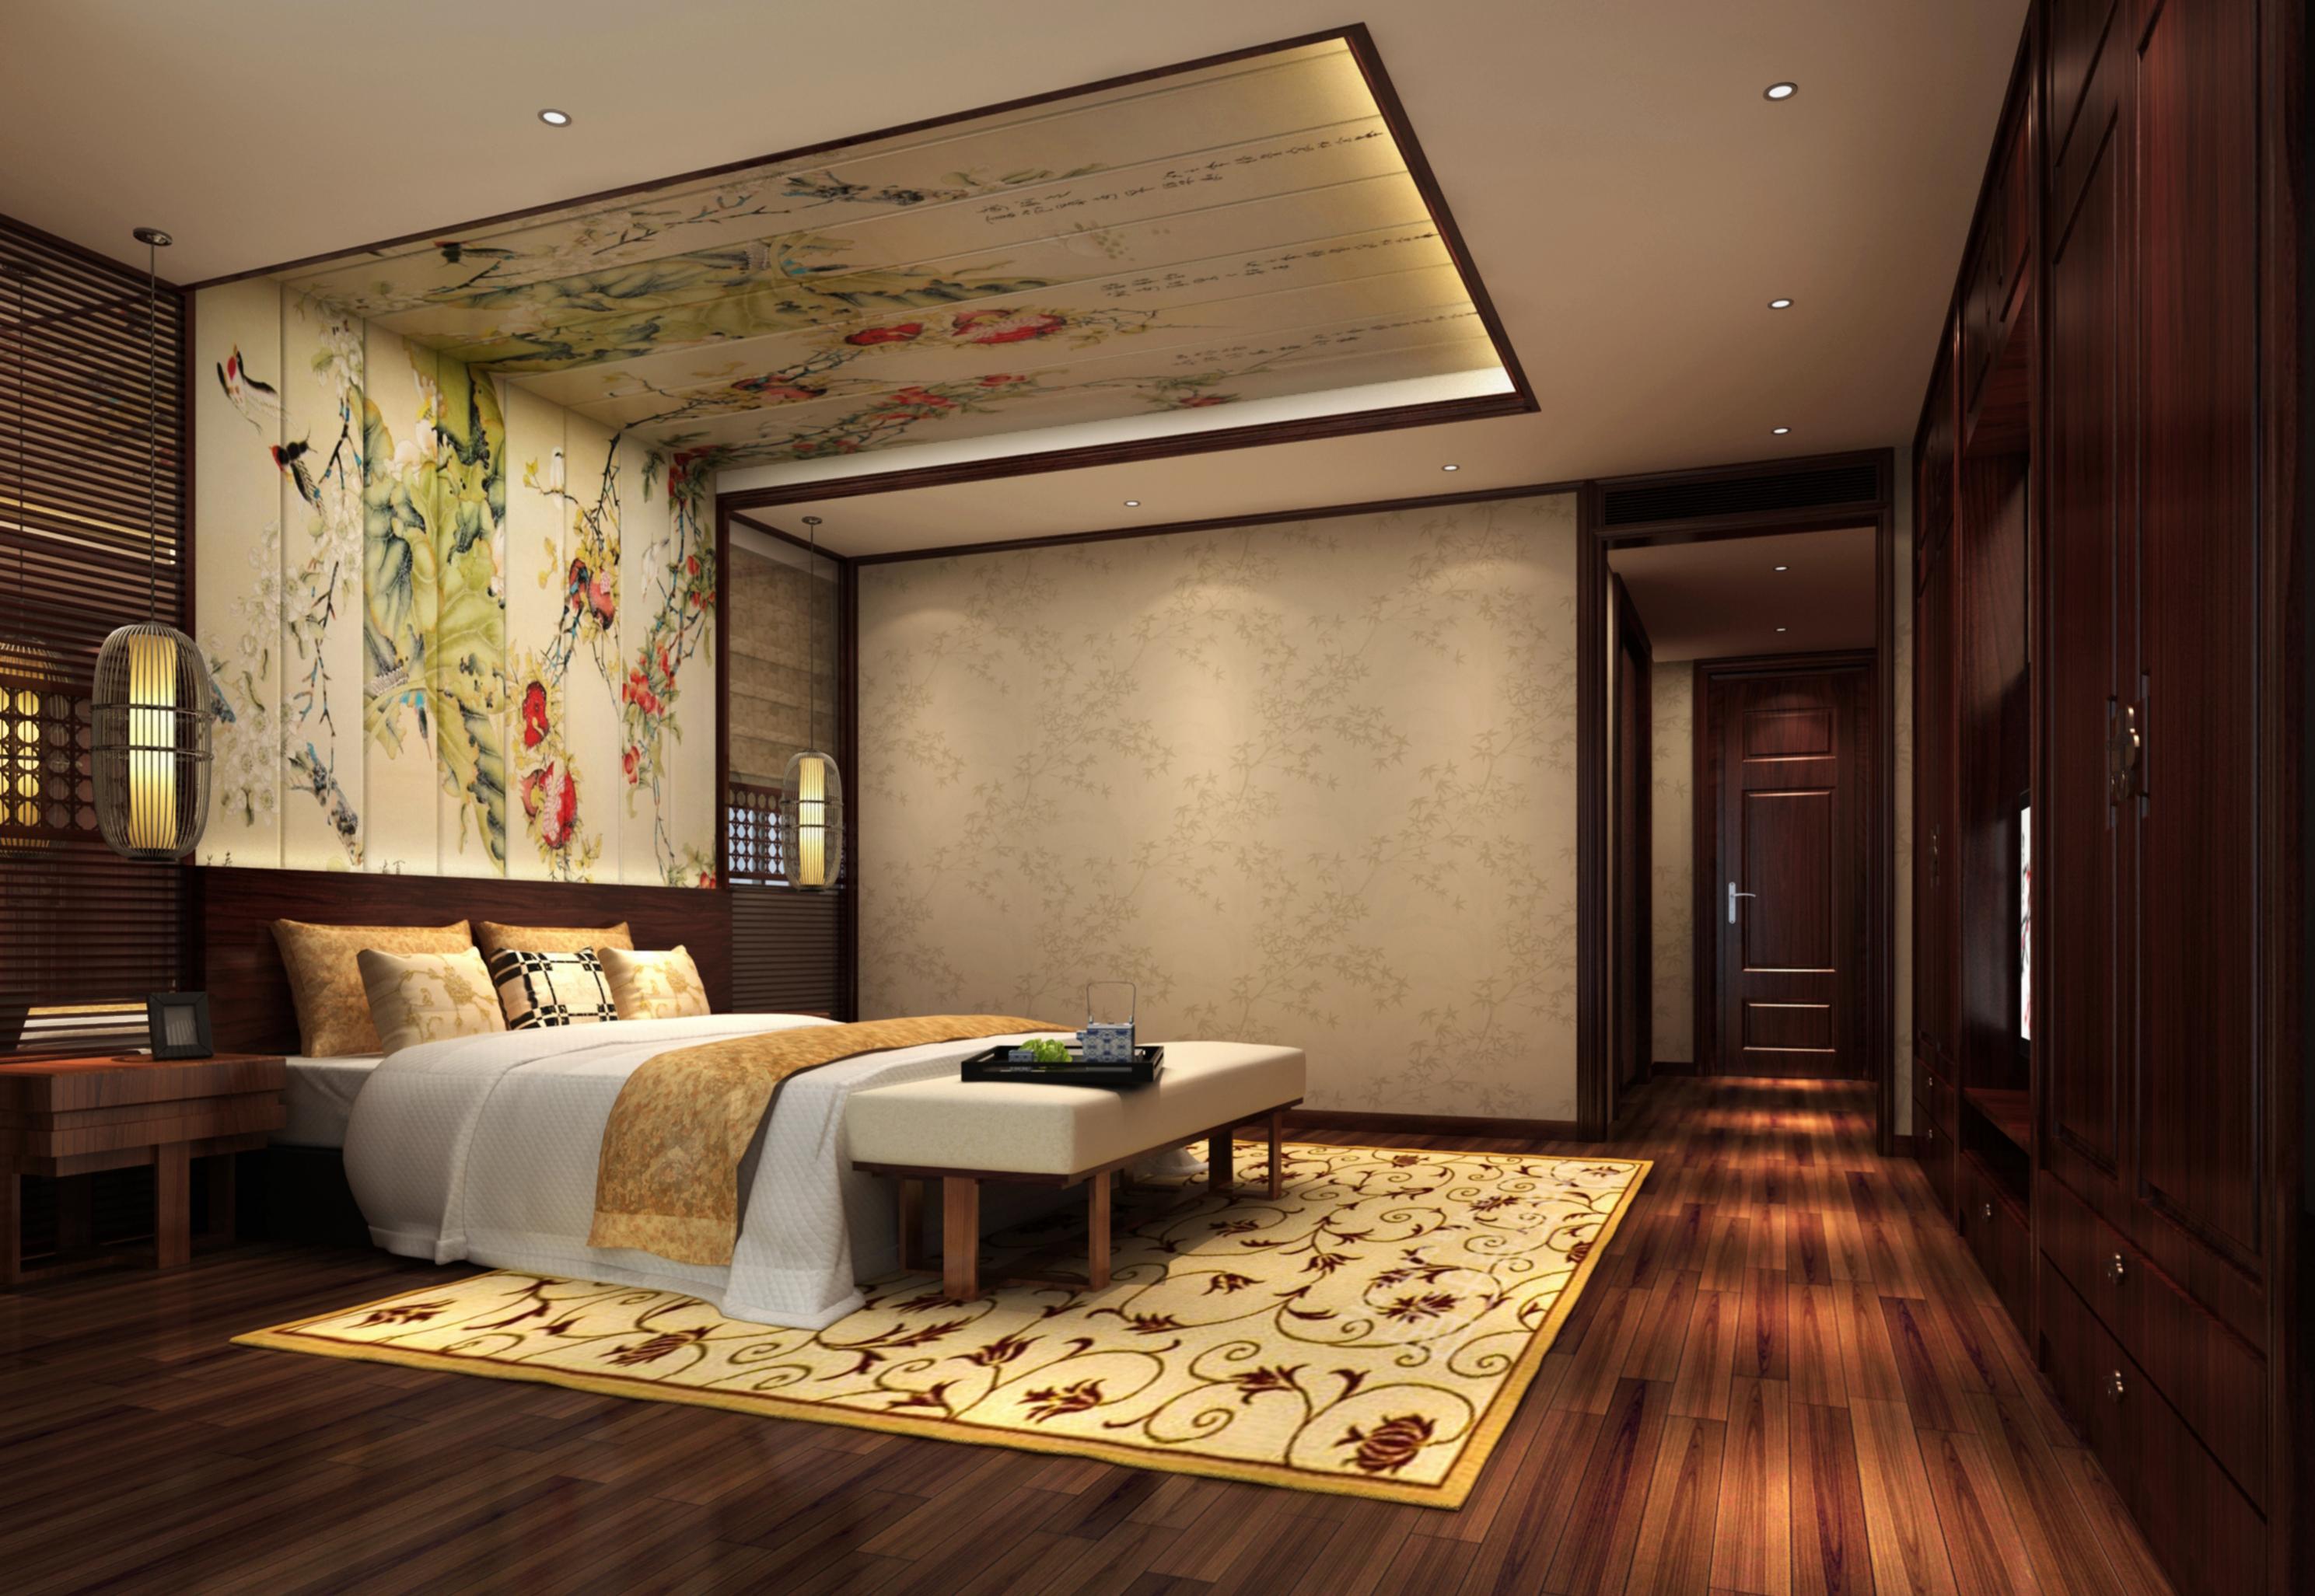 中式 4居 180平米 装修报价 家居风水 家庭装修 整体家装 室内设计 生活 卧室图片来自徐丽娟在大气、简约、沉稳为主基调,的分享